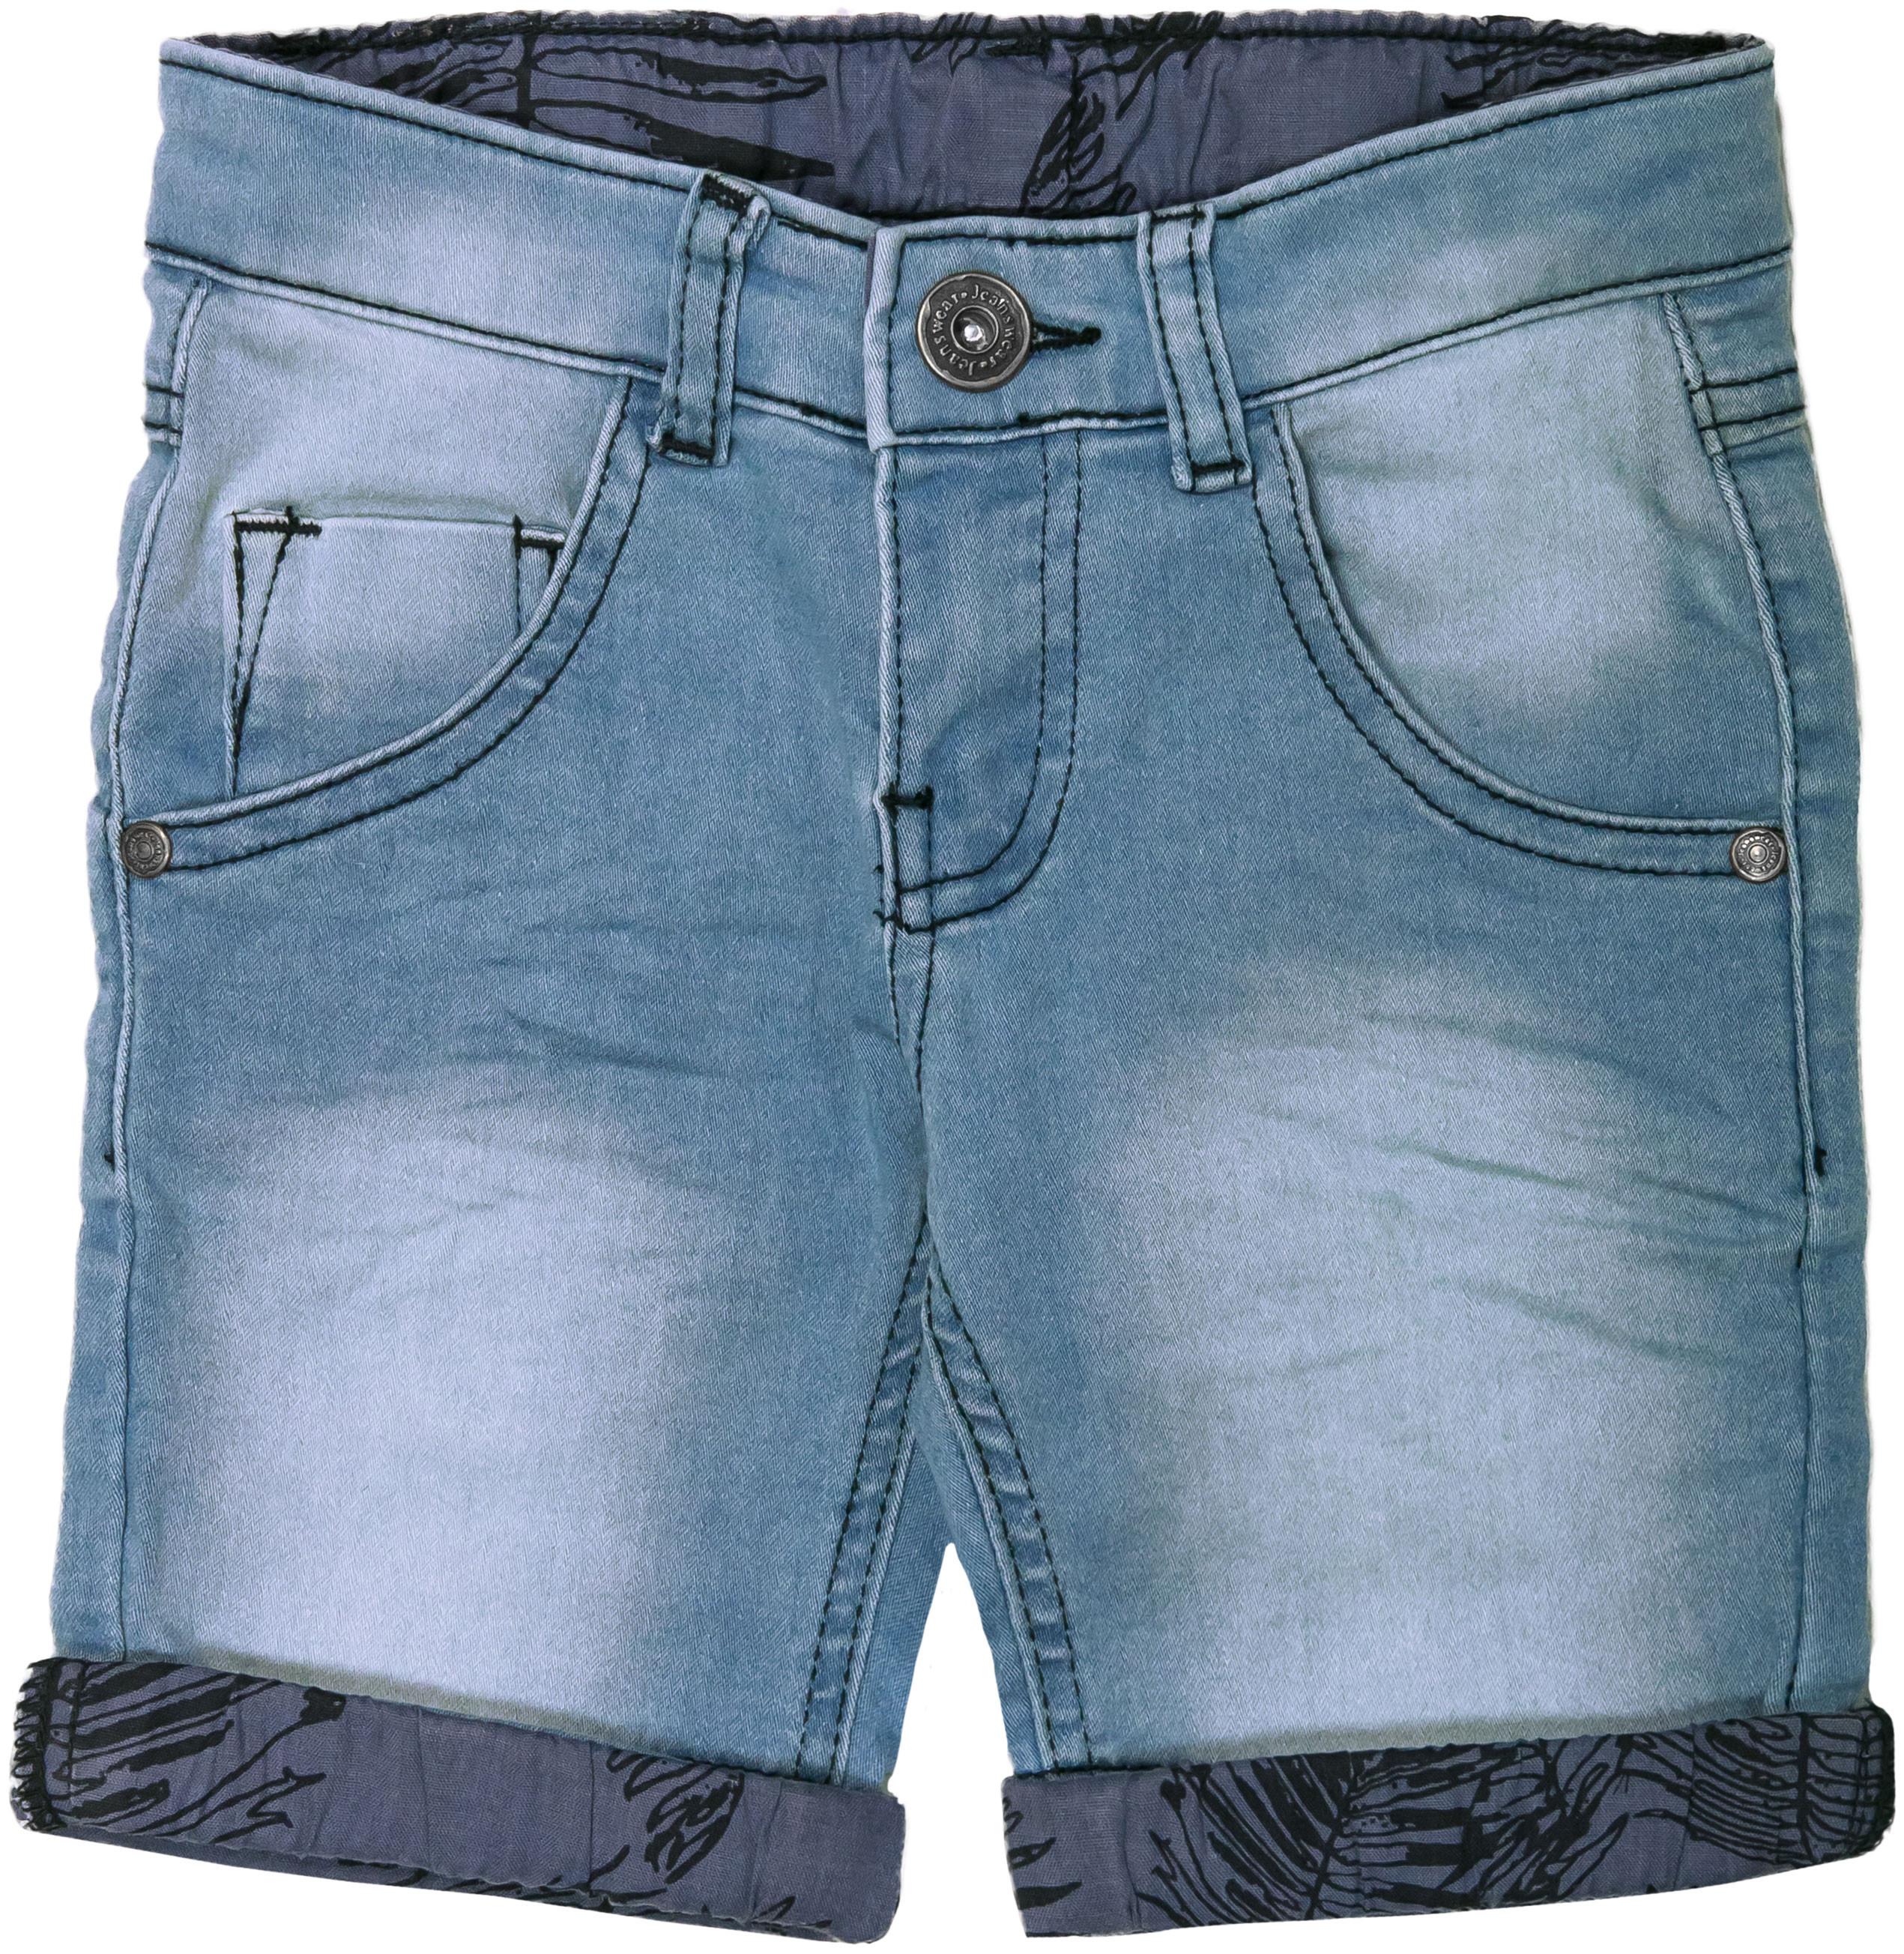 Шорты Barkito Шорты для мальчика Barkito Джунгли зовут, синие шорты barkito шорты джинсовые для мальчика barkito супергерой голубые